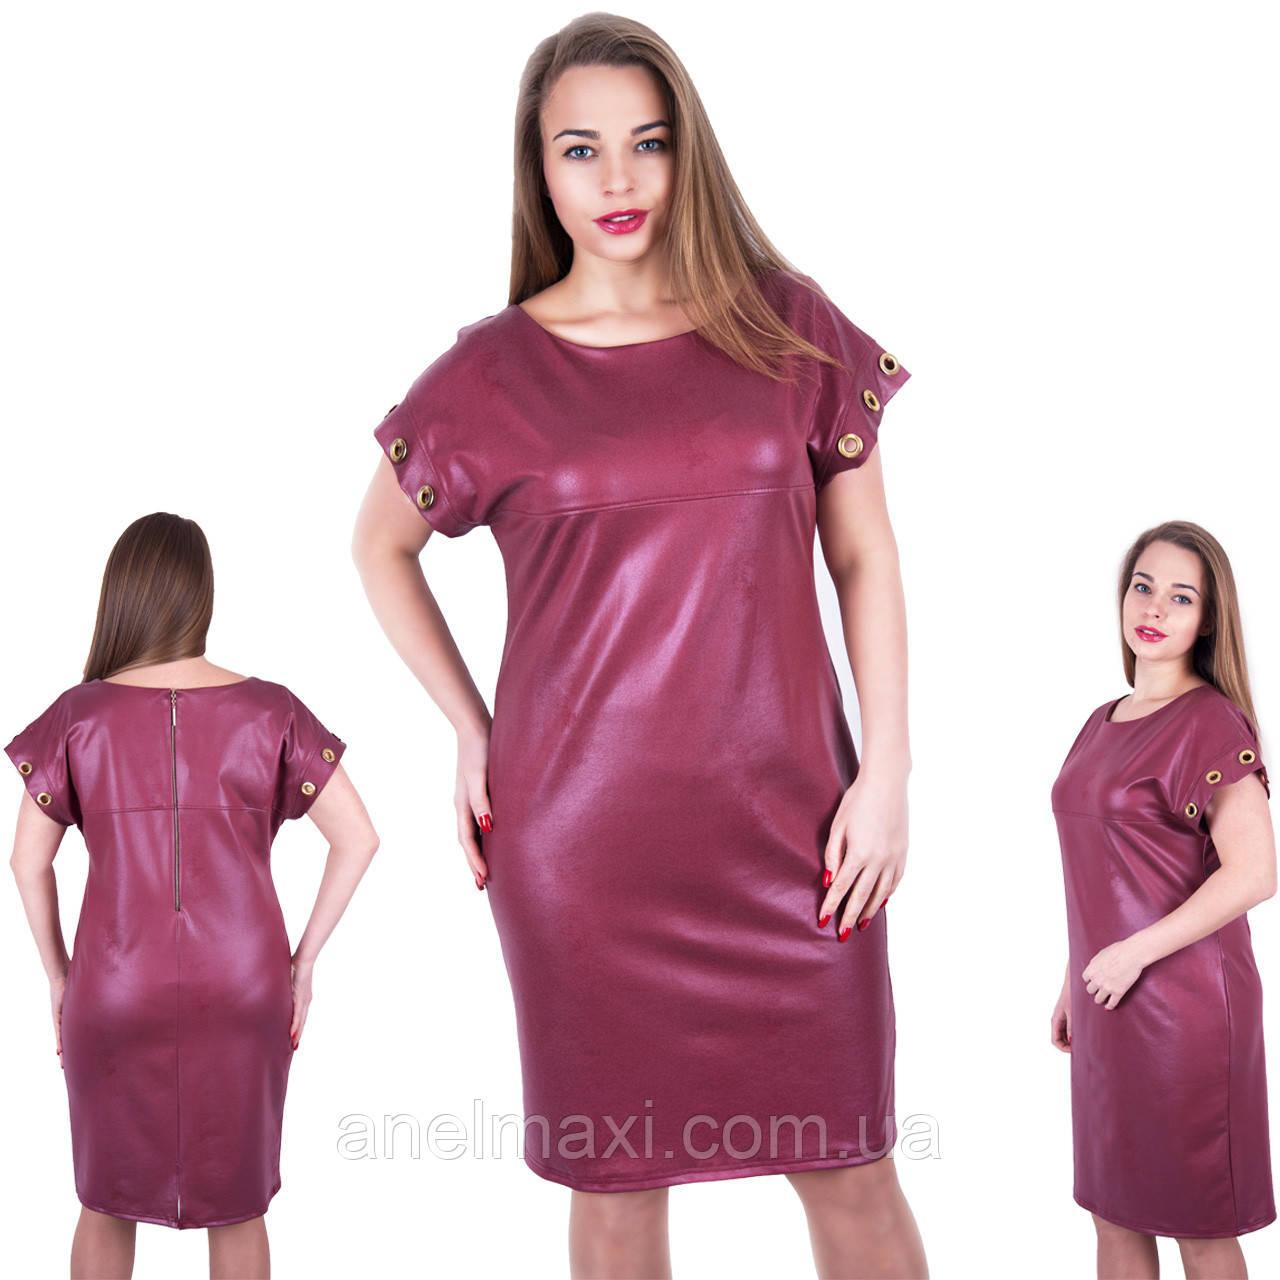 4c4a6ba3a17 Нарядное платье с кружевом синего цвета 564 большого размера в ...